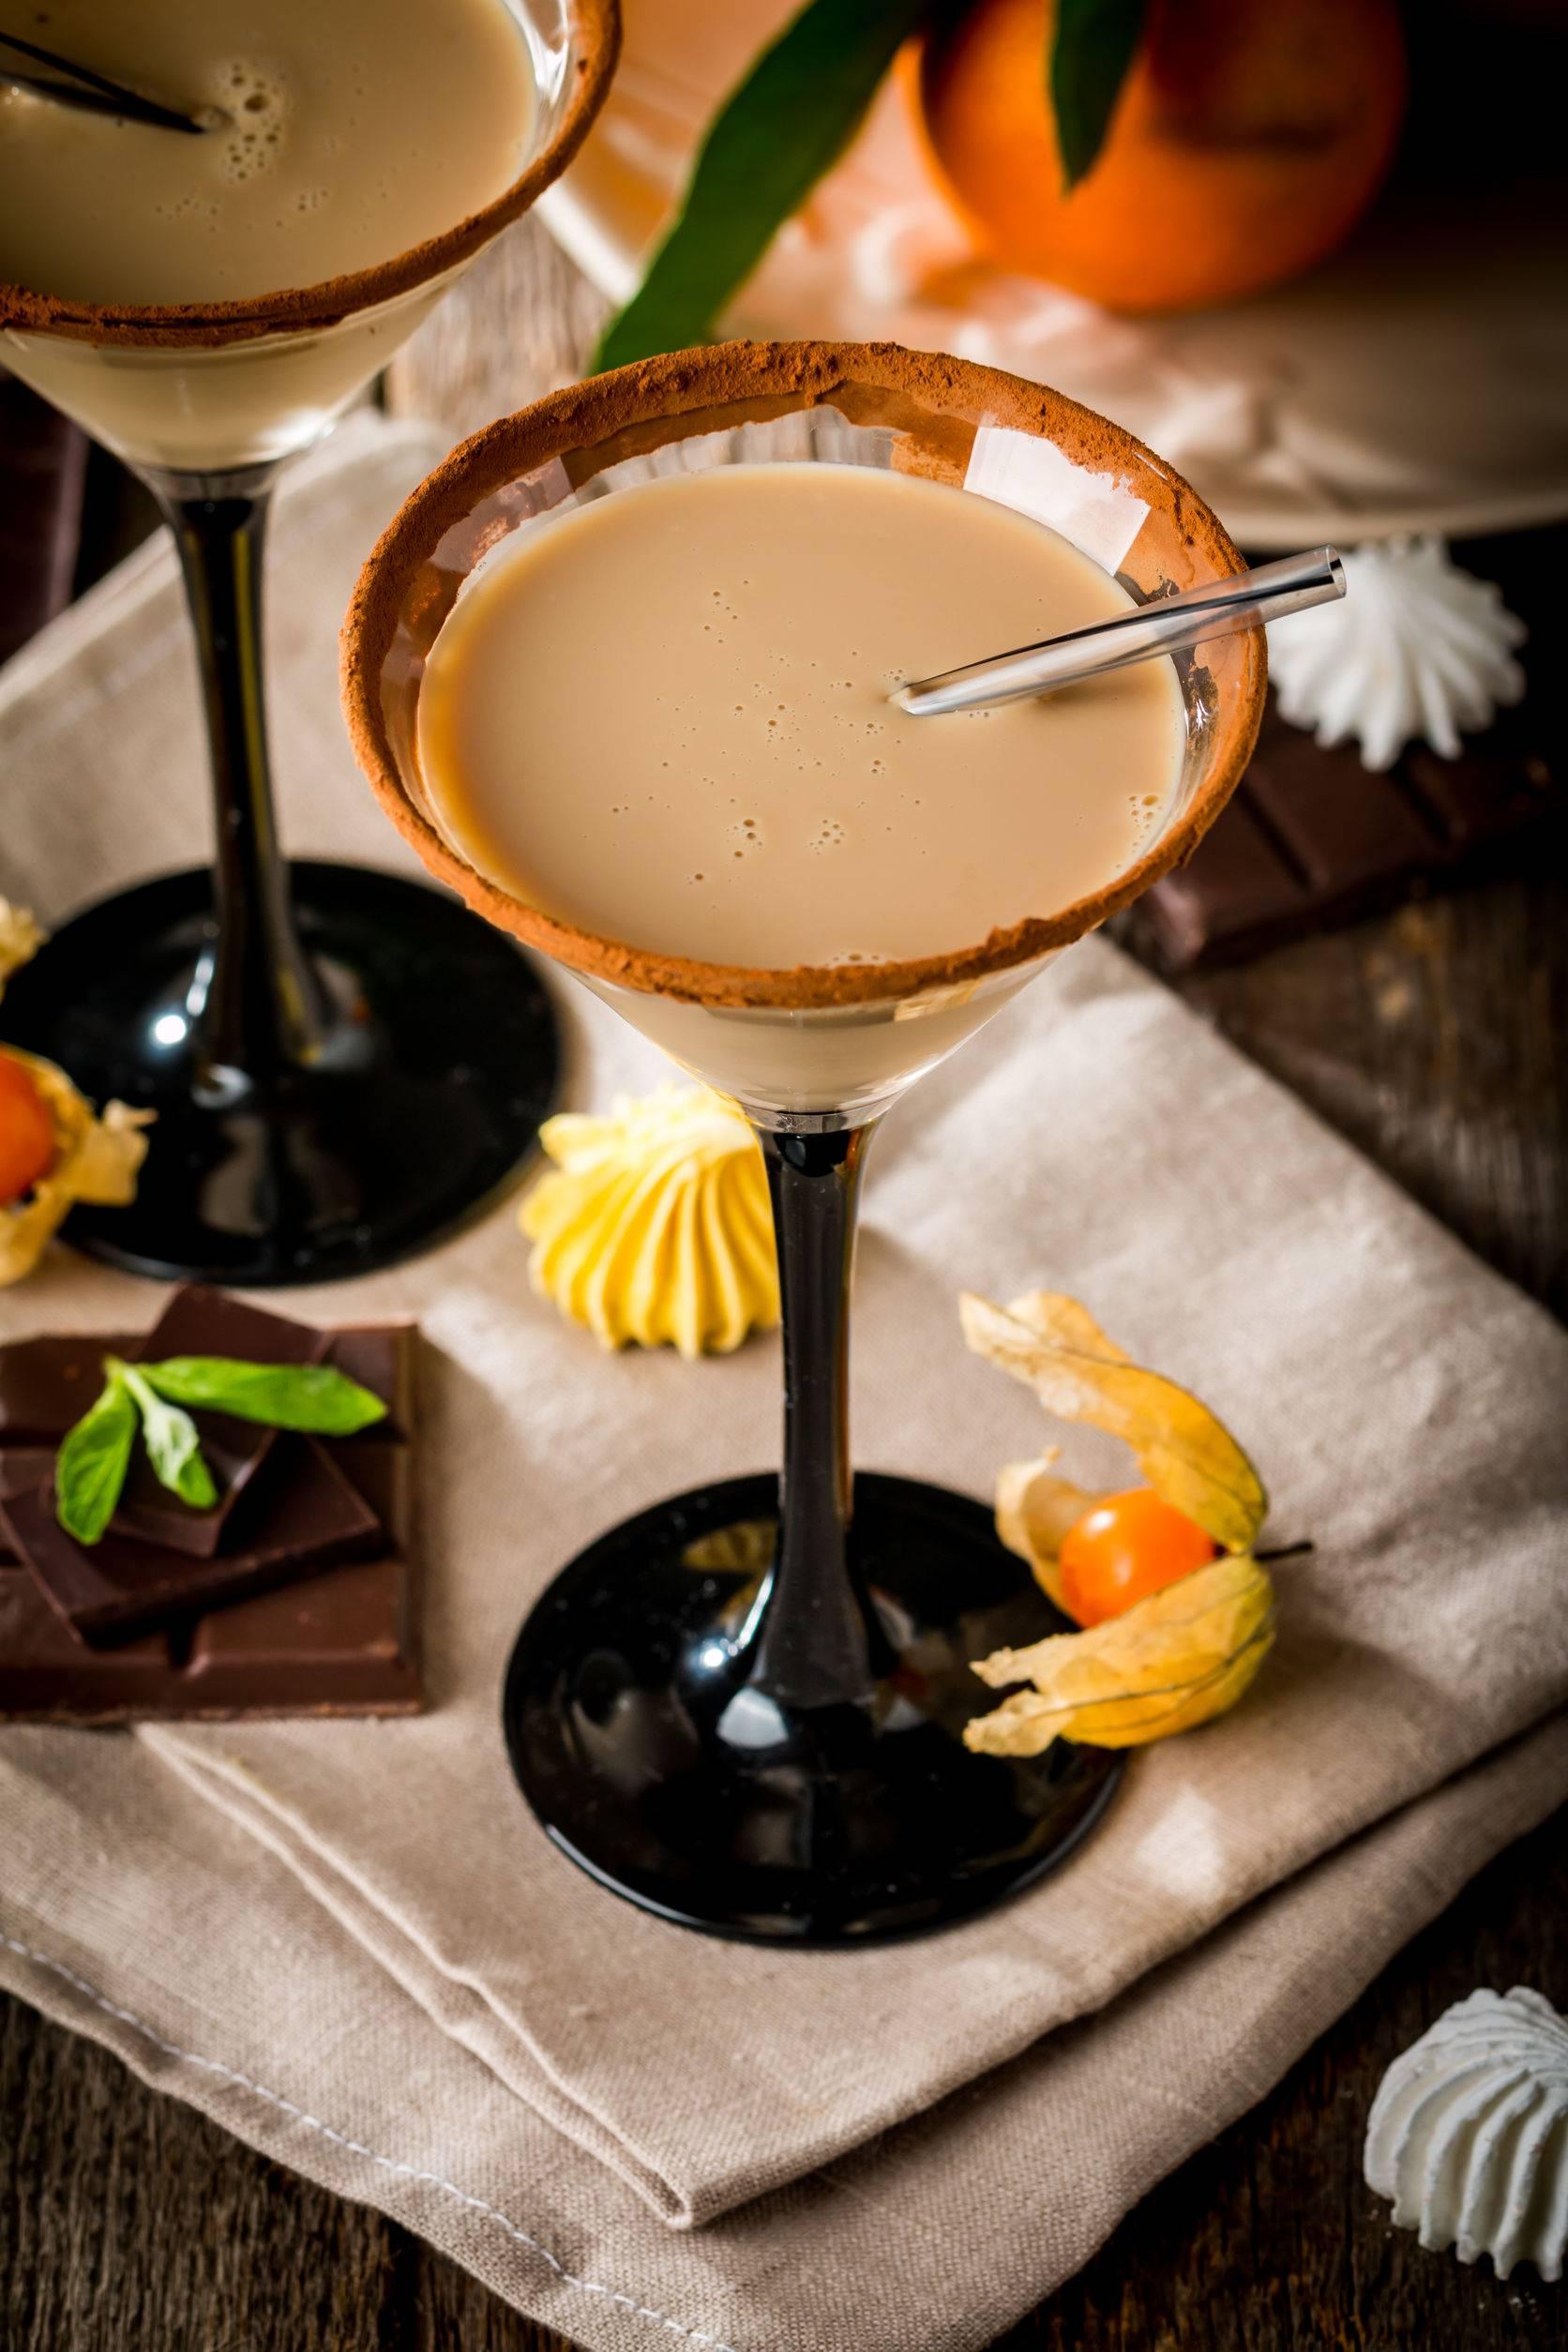 Napravite sami odličan liker od viskija i vrhnja - jednostavno je